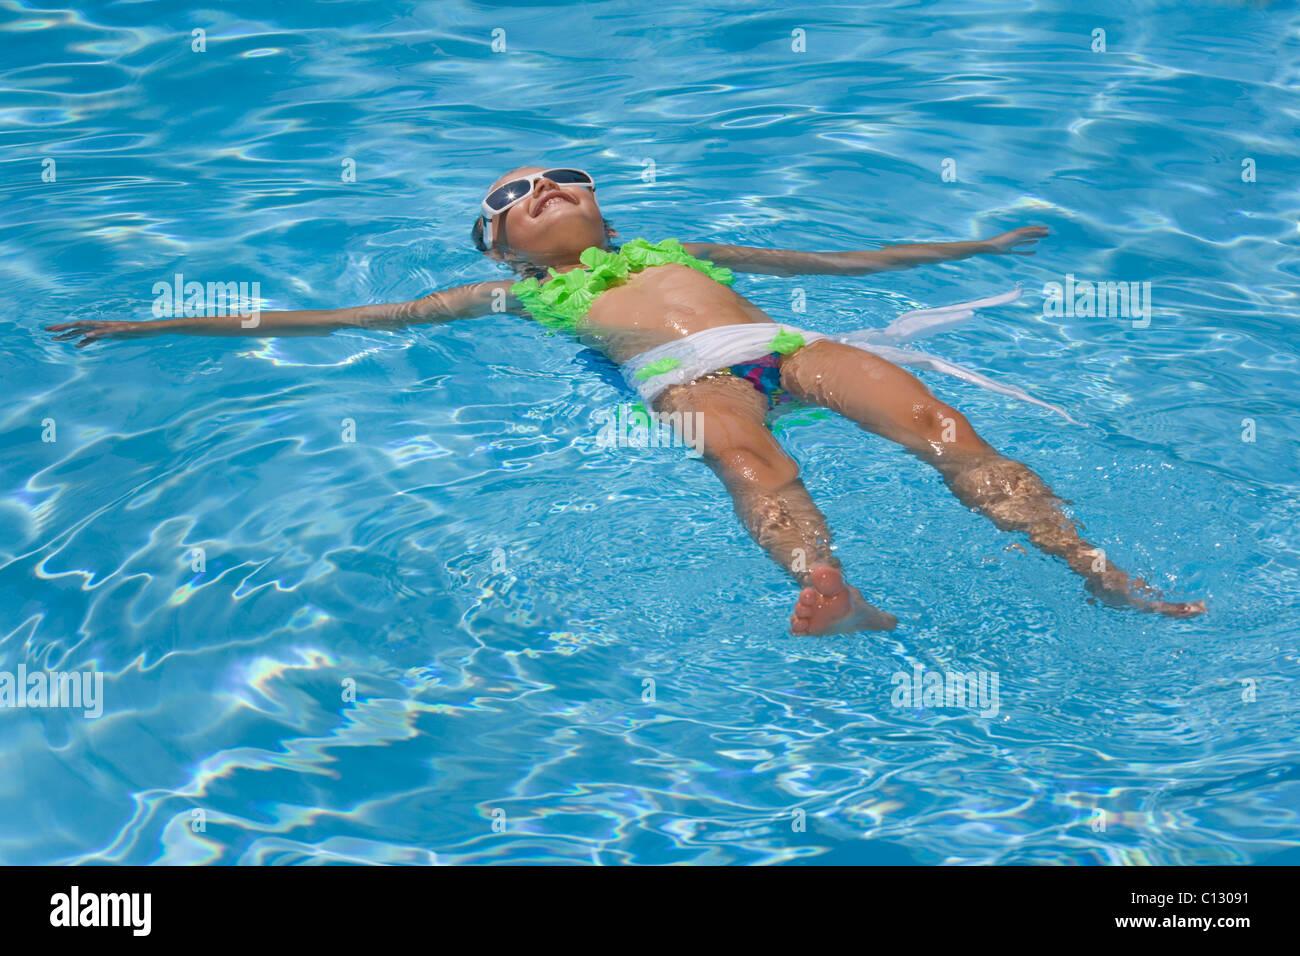 junges Mädchen im Pool schwimmend Stockbild